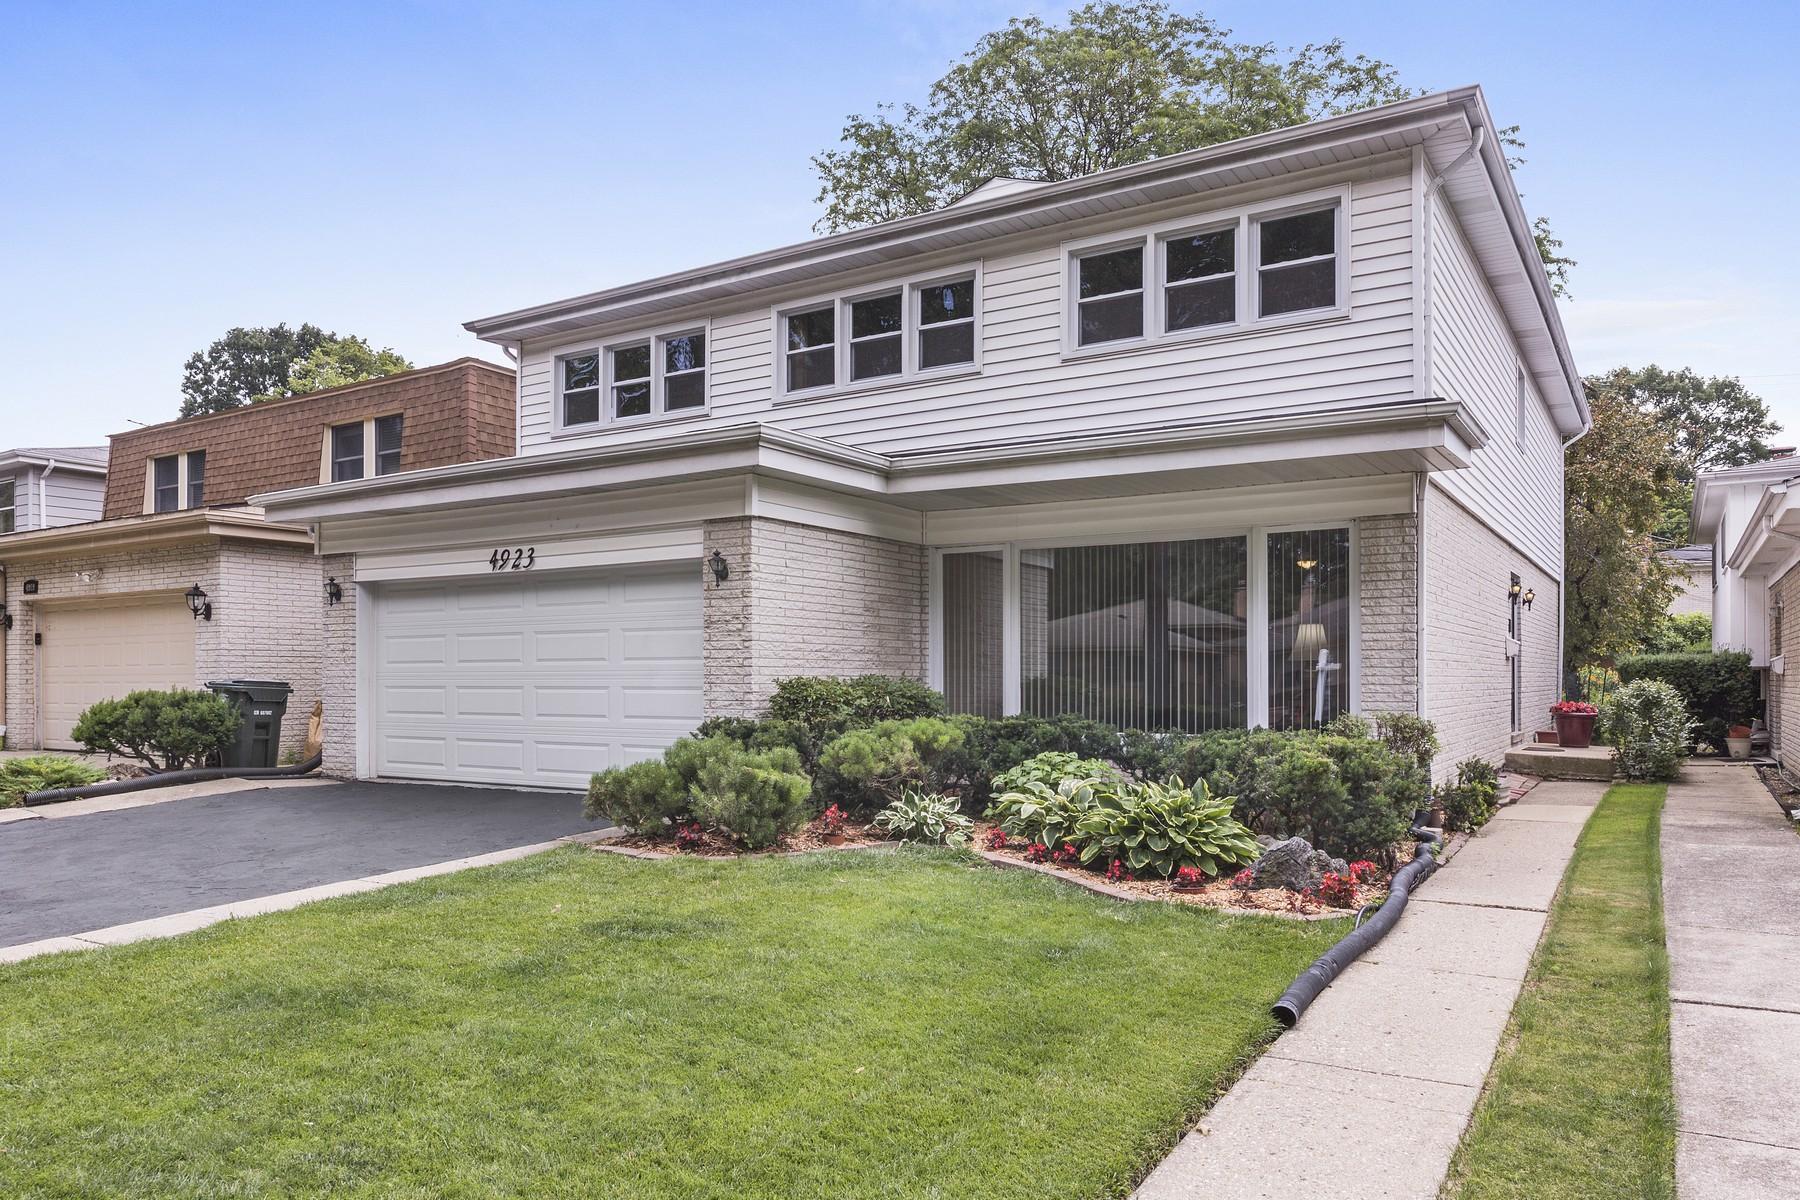 Maison unifamiliale pour l Vente à Impeccably Maintained Two Story 4923 Farwell Avenue Skokie, Illinois, 60077 États-Unis